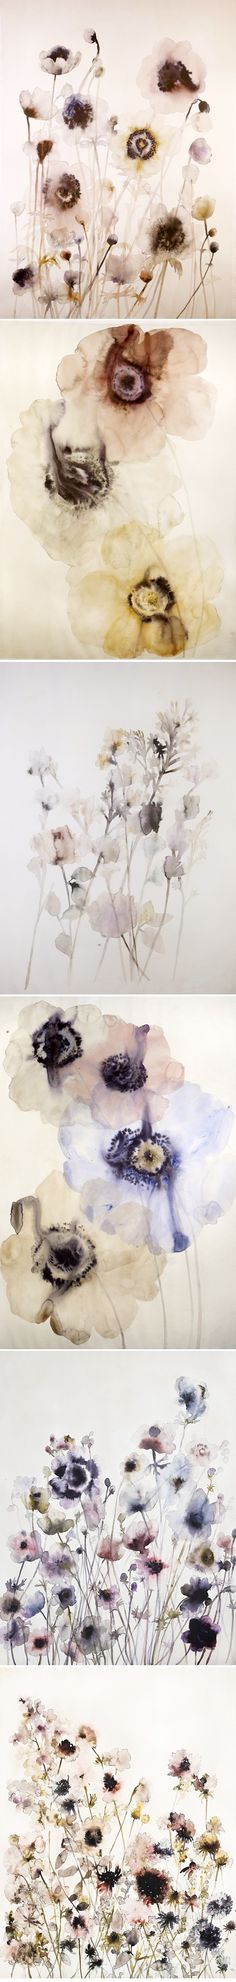 paintings by lourdes sanchez